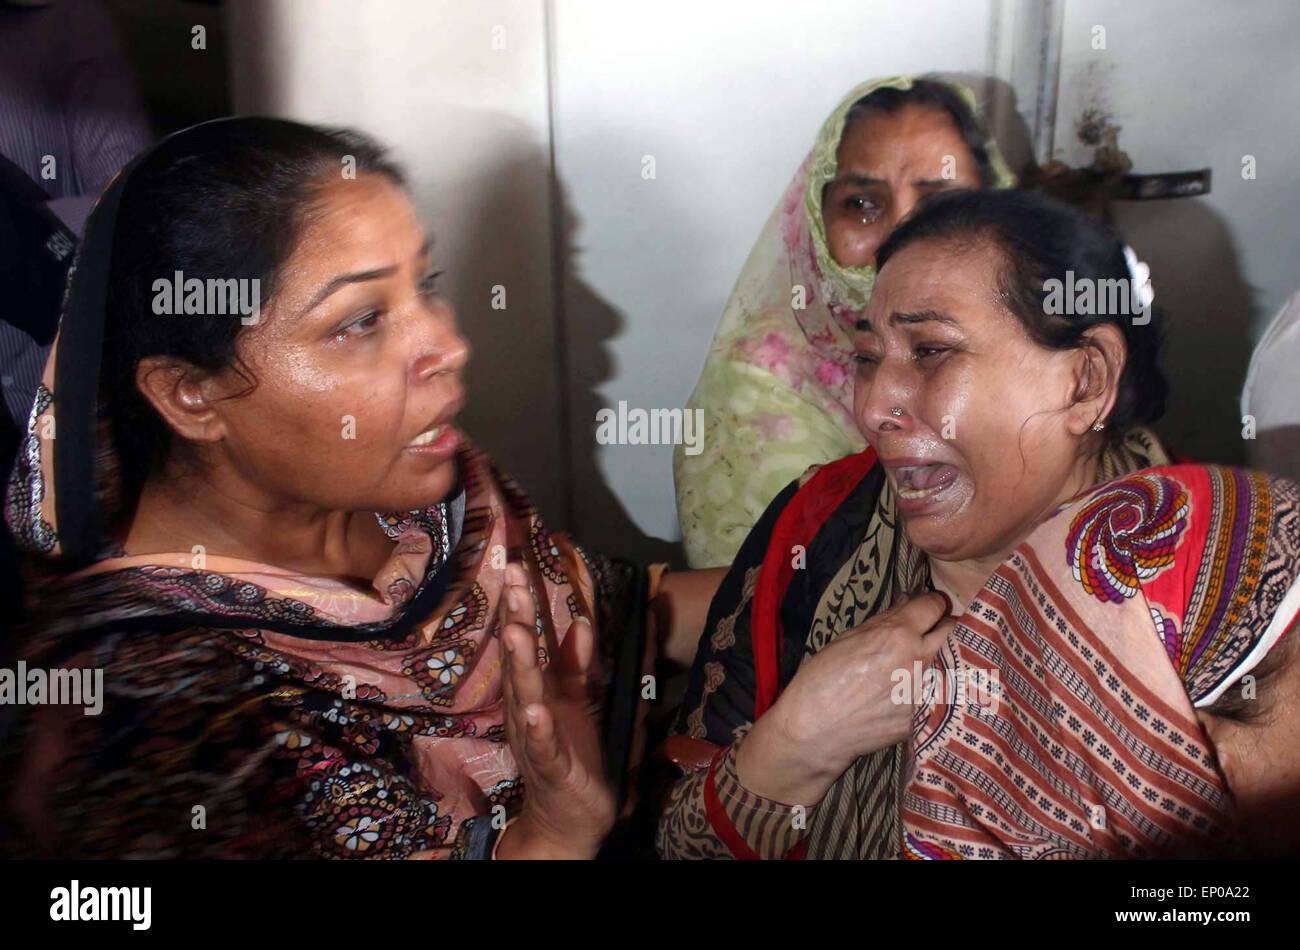 Karachi, Pakistan. 12 mai, 2015. Des proches de l'ancien Muttahida Qaumi Movement (MQM) Activiste Saulat Mirza réagir pleurer sur le déplacement de son corps, qui a été pendu à la prison de Mach, mardi, dans une affaire de meurtre triple a été dit d'être calme et composé à l'échafaud, à l'Aéroport International Jinnah Muttahida Qaumi Movement dans Ancien (MQM) Activiste Saulat Mirza a été exécuté aujourd'hui matin à 4 h 30, de l'assassinat de l'ancien directeur général de la société KESC Shahid Hamid, son chauffeur et garde côtière canadienne en 1997. Banque D'Images